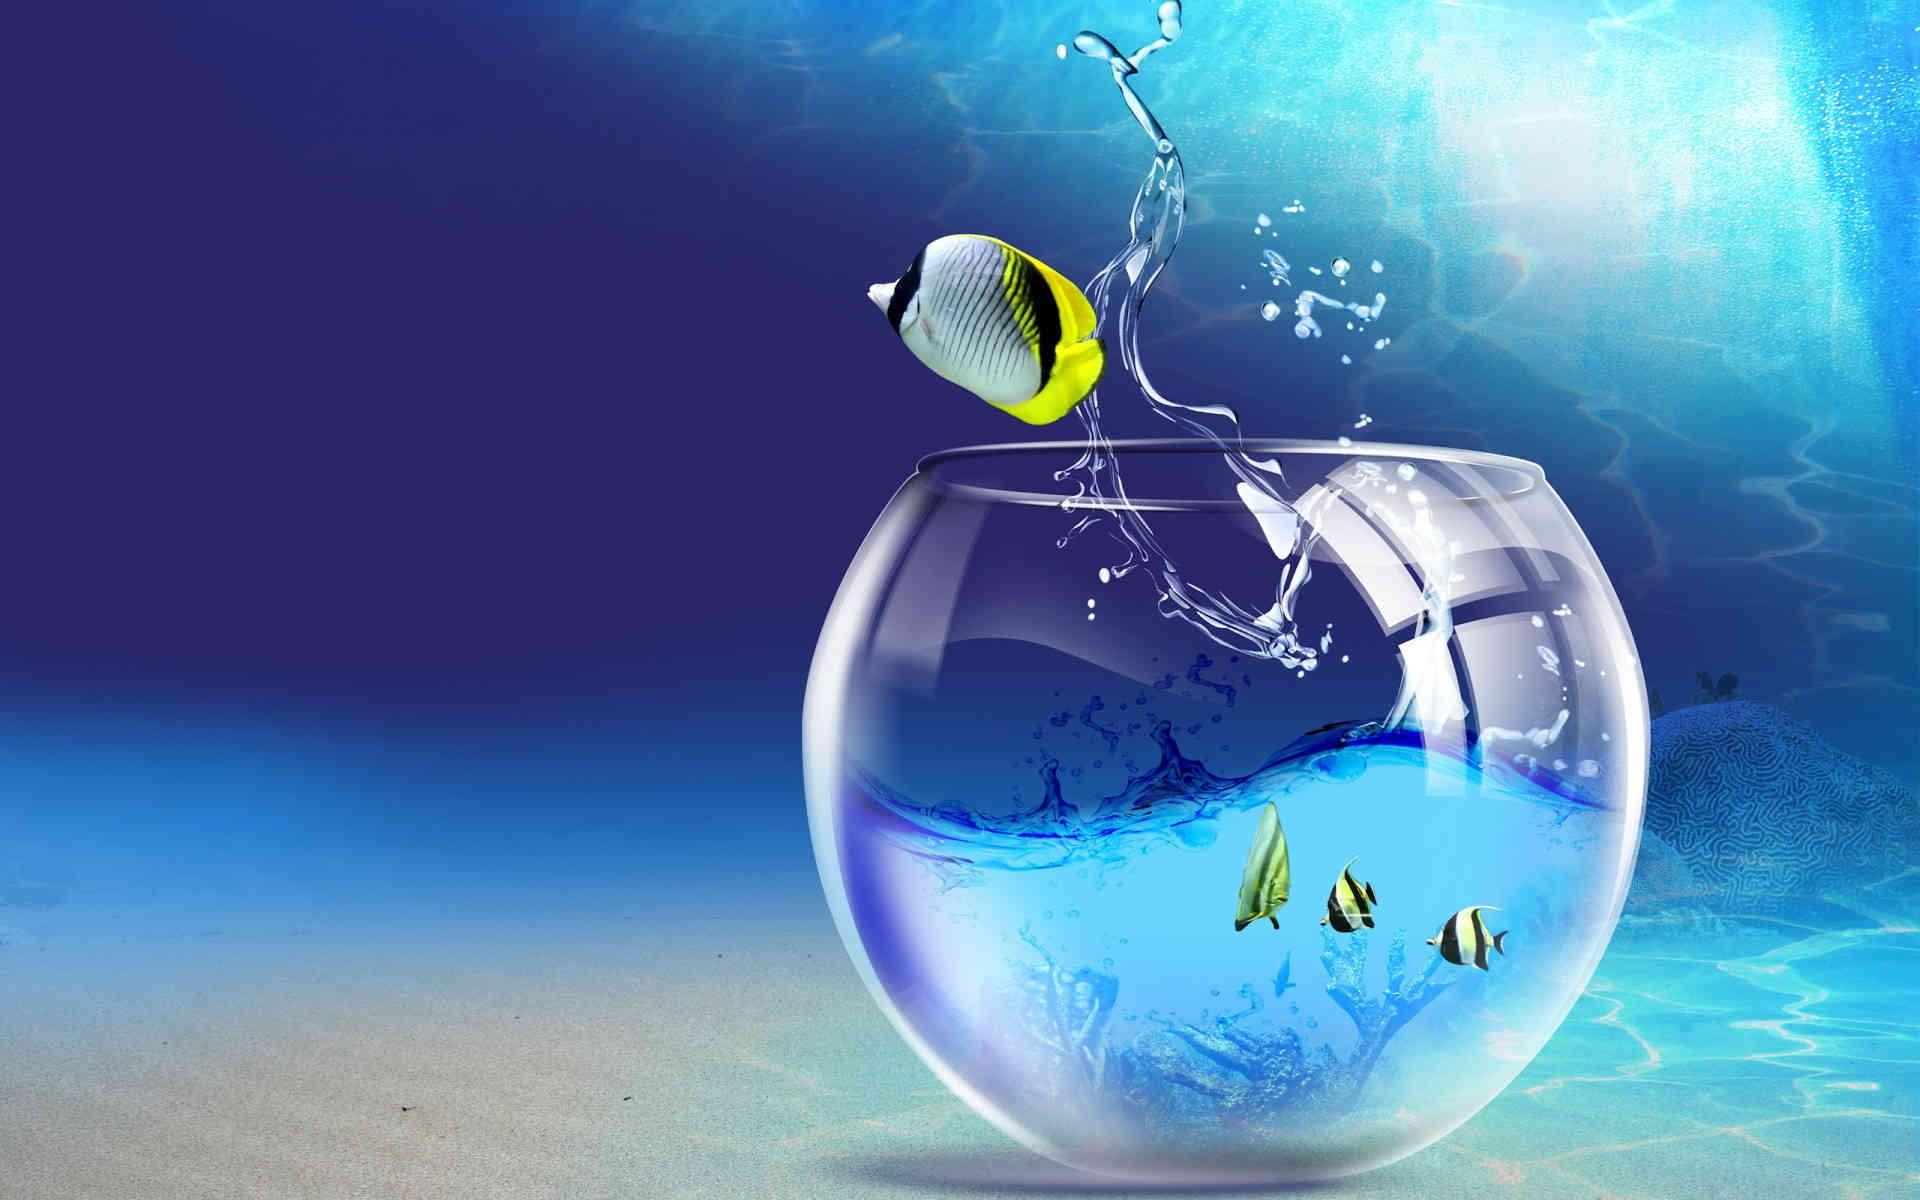 Desktop Live Wallpaper Free Download Ccfabu Aquarium Fish Live